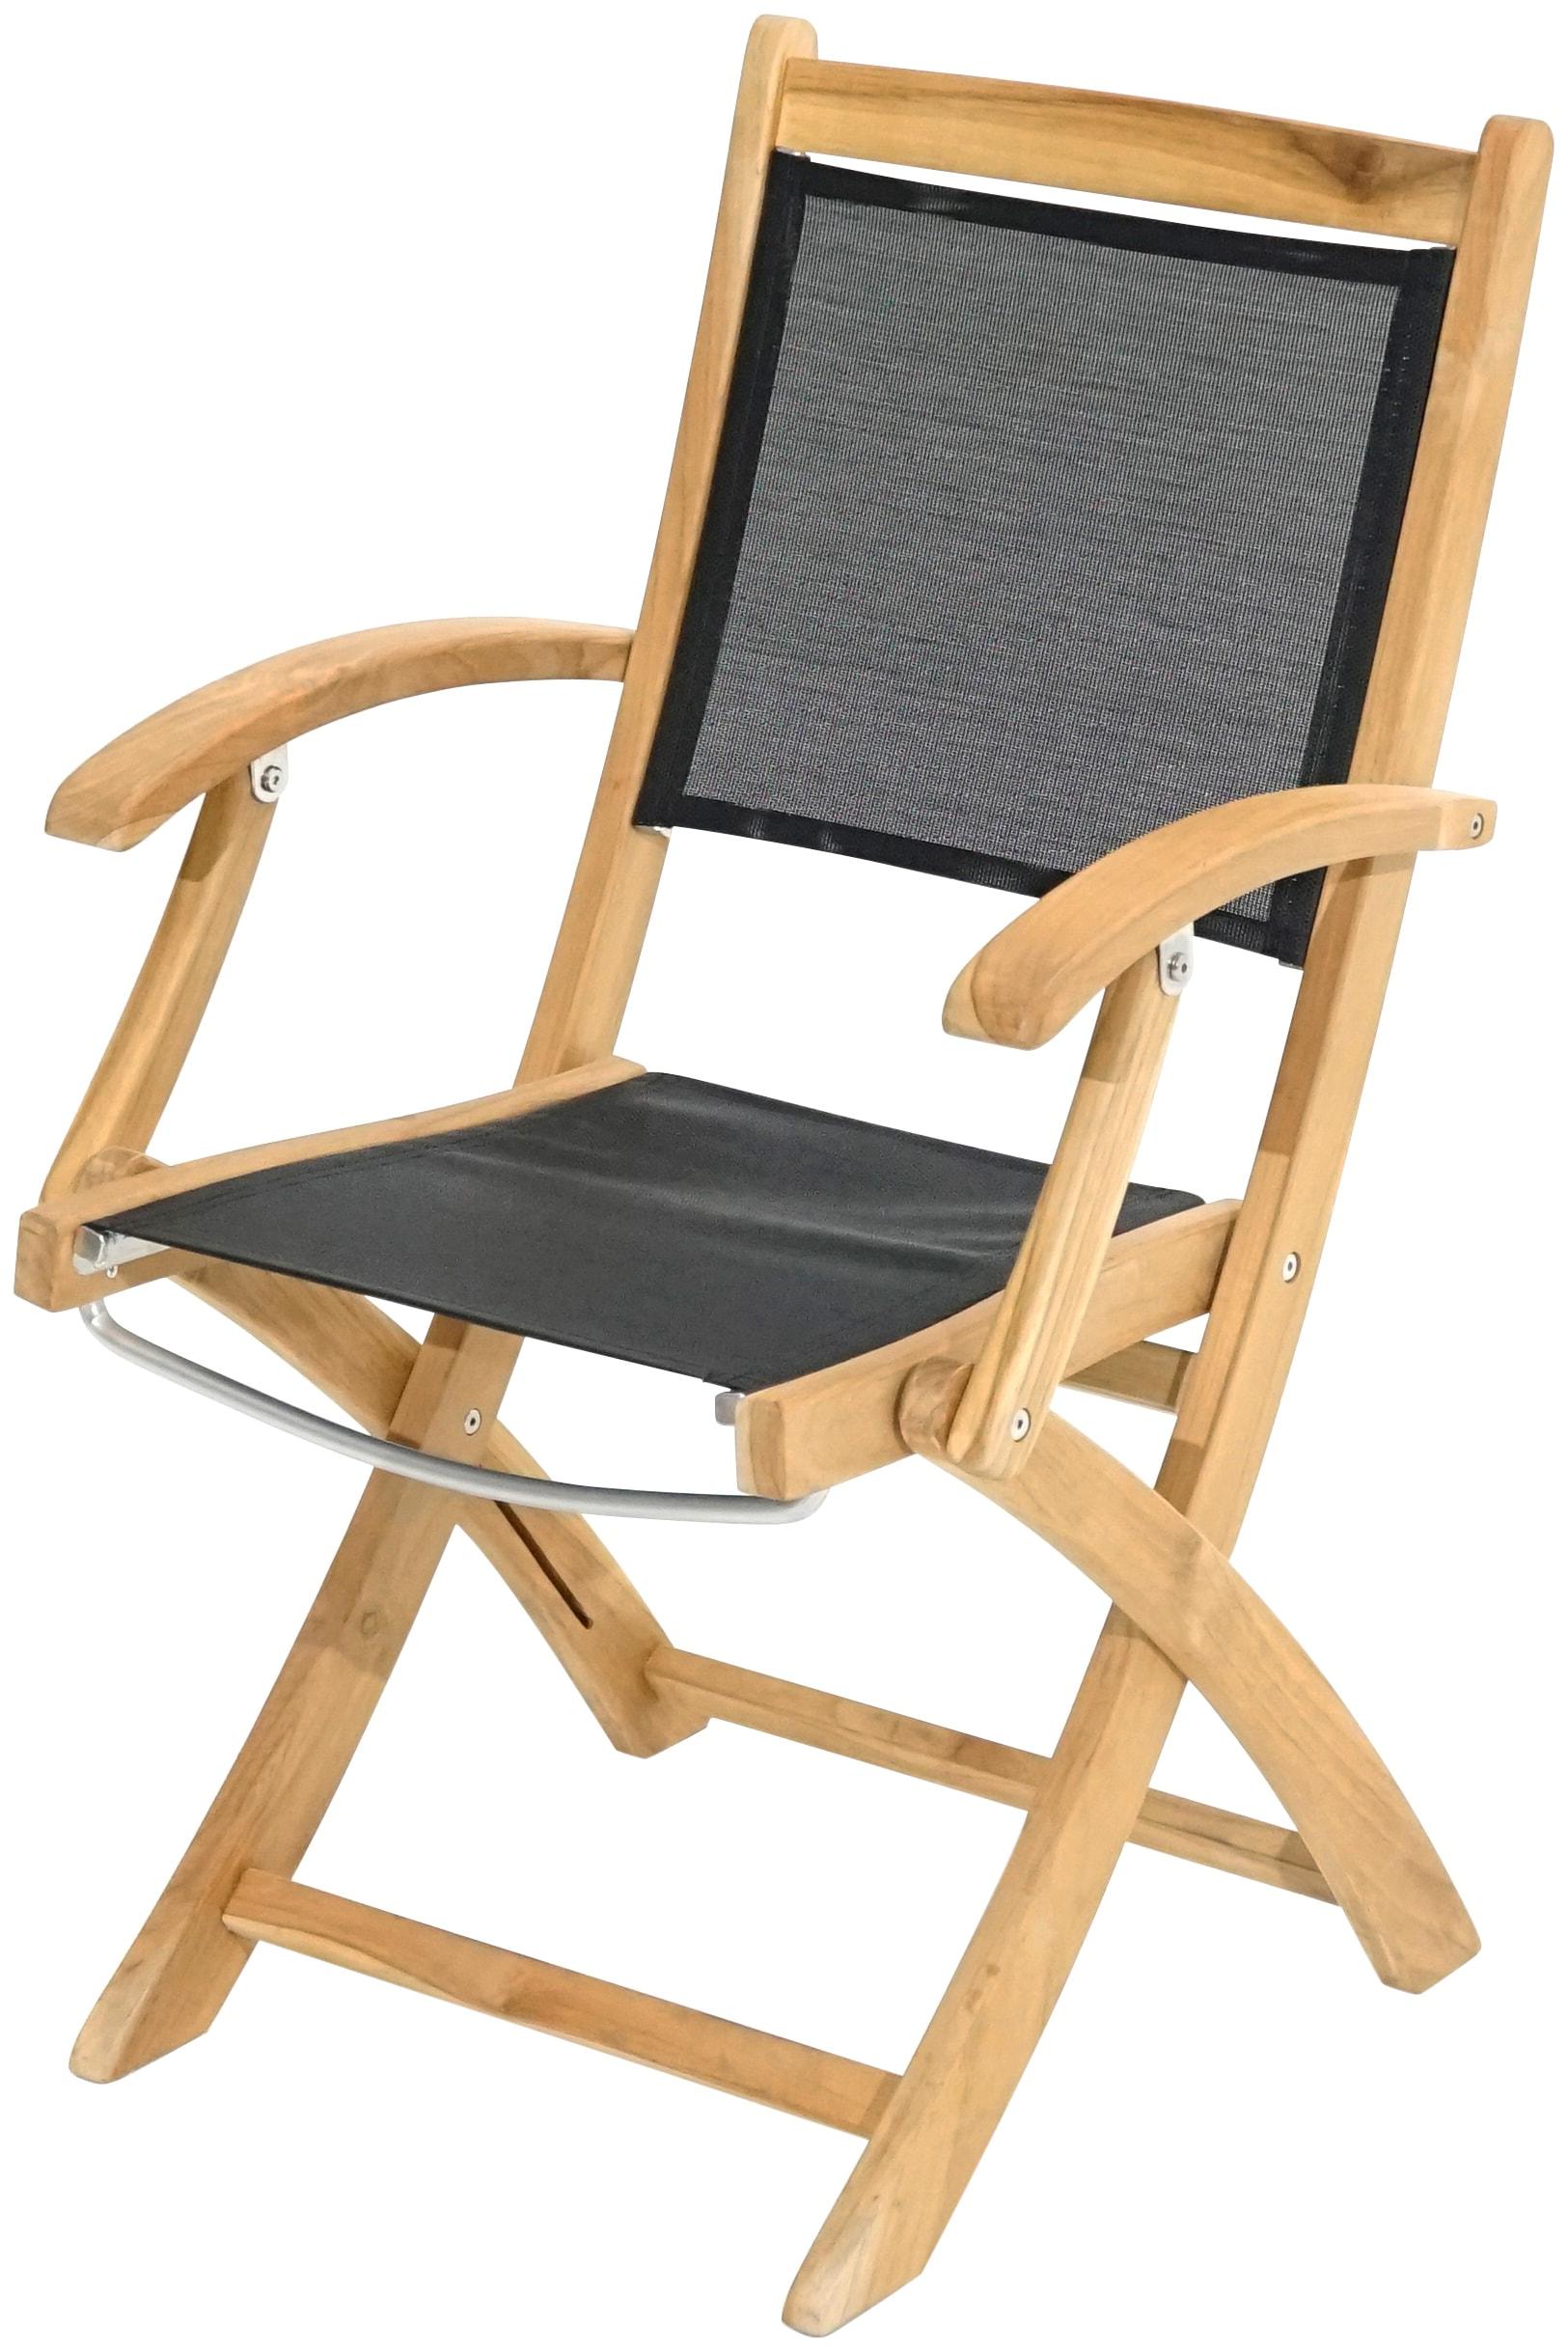 ploss Gartenstühle online kaufen | Möbel Suchmaschine